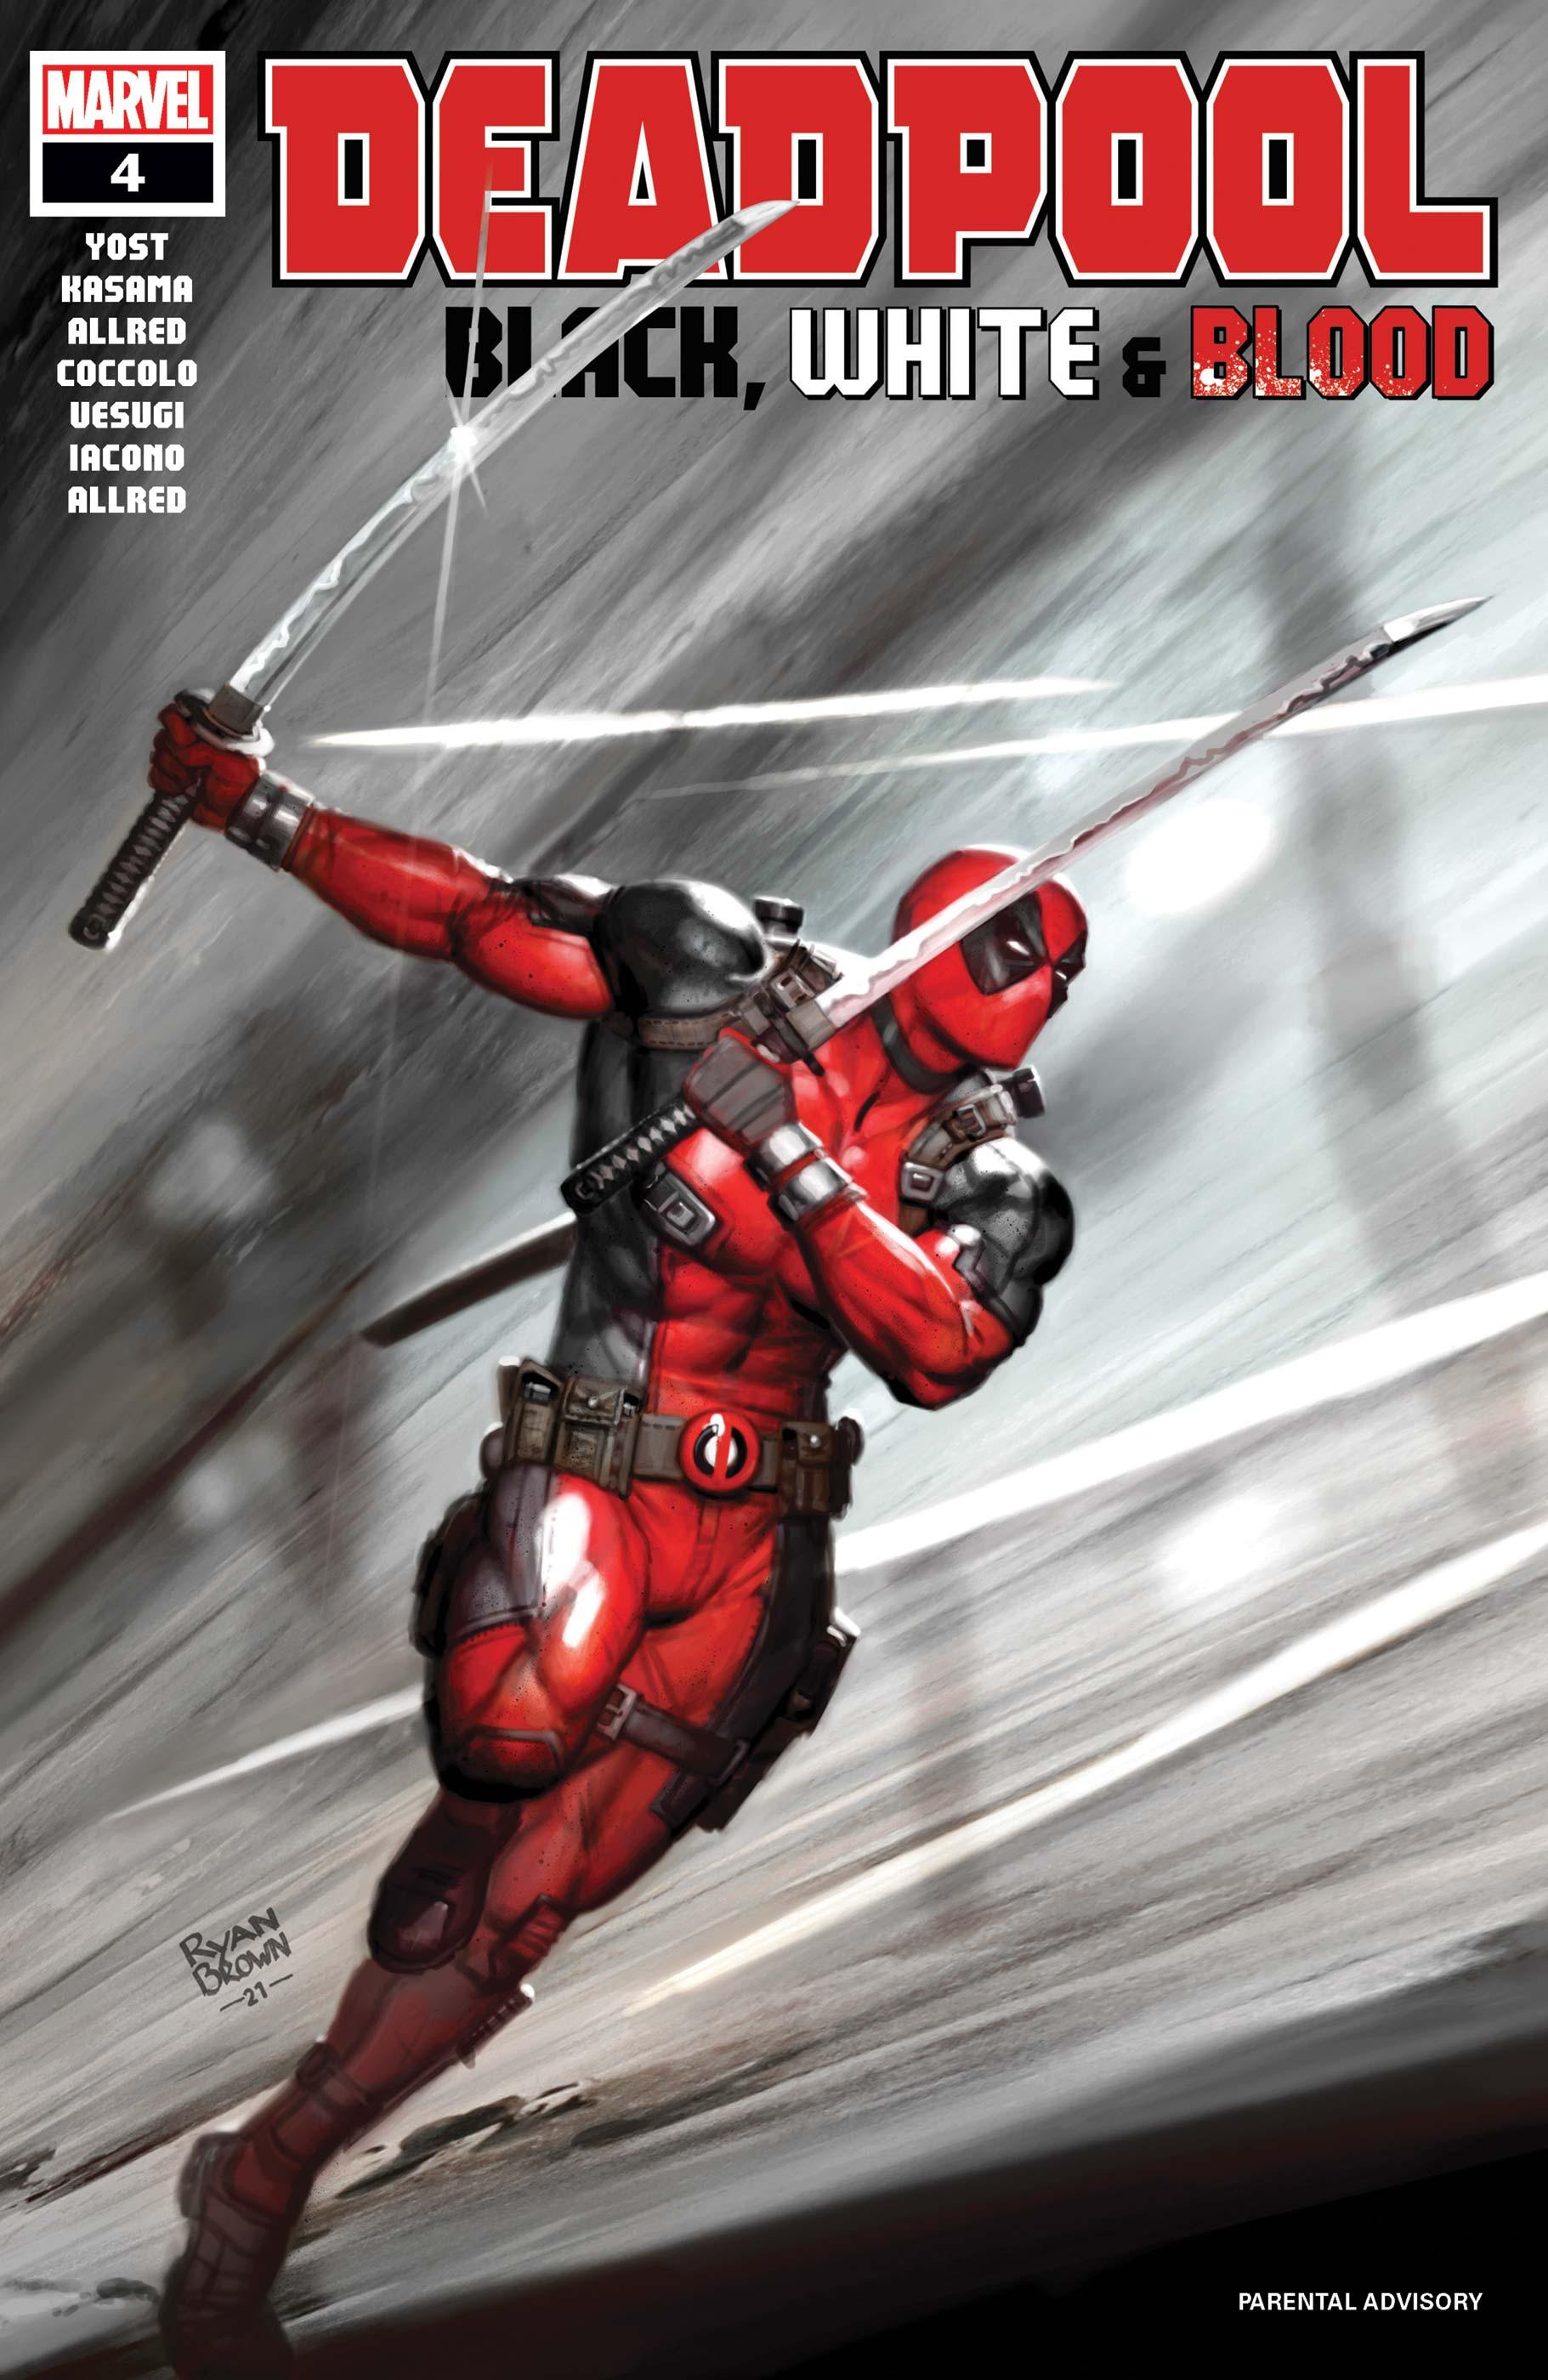 Deadpool: Black, White & Blood (2021) #4